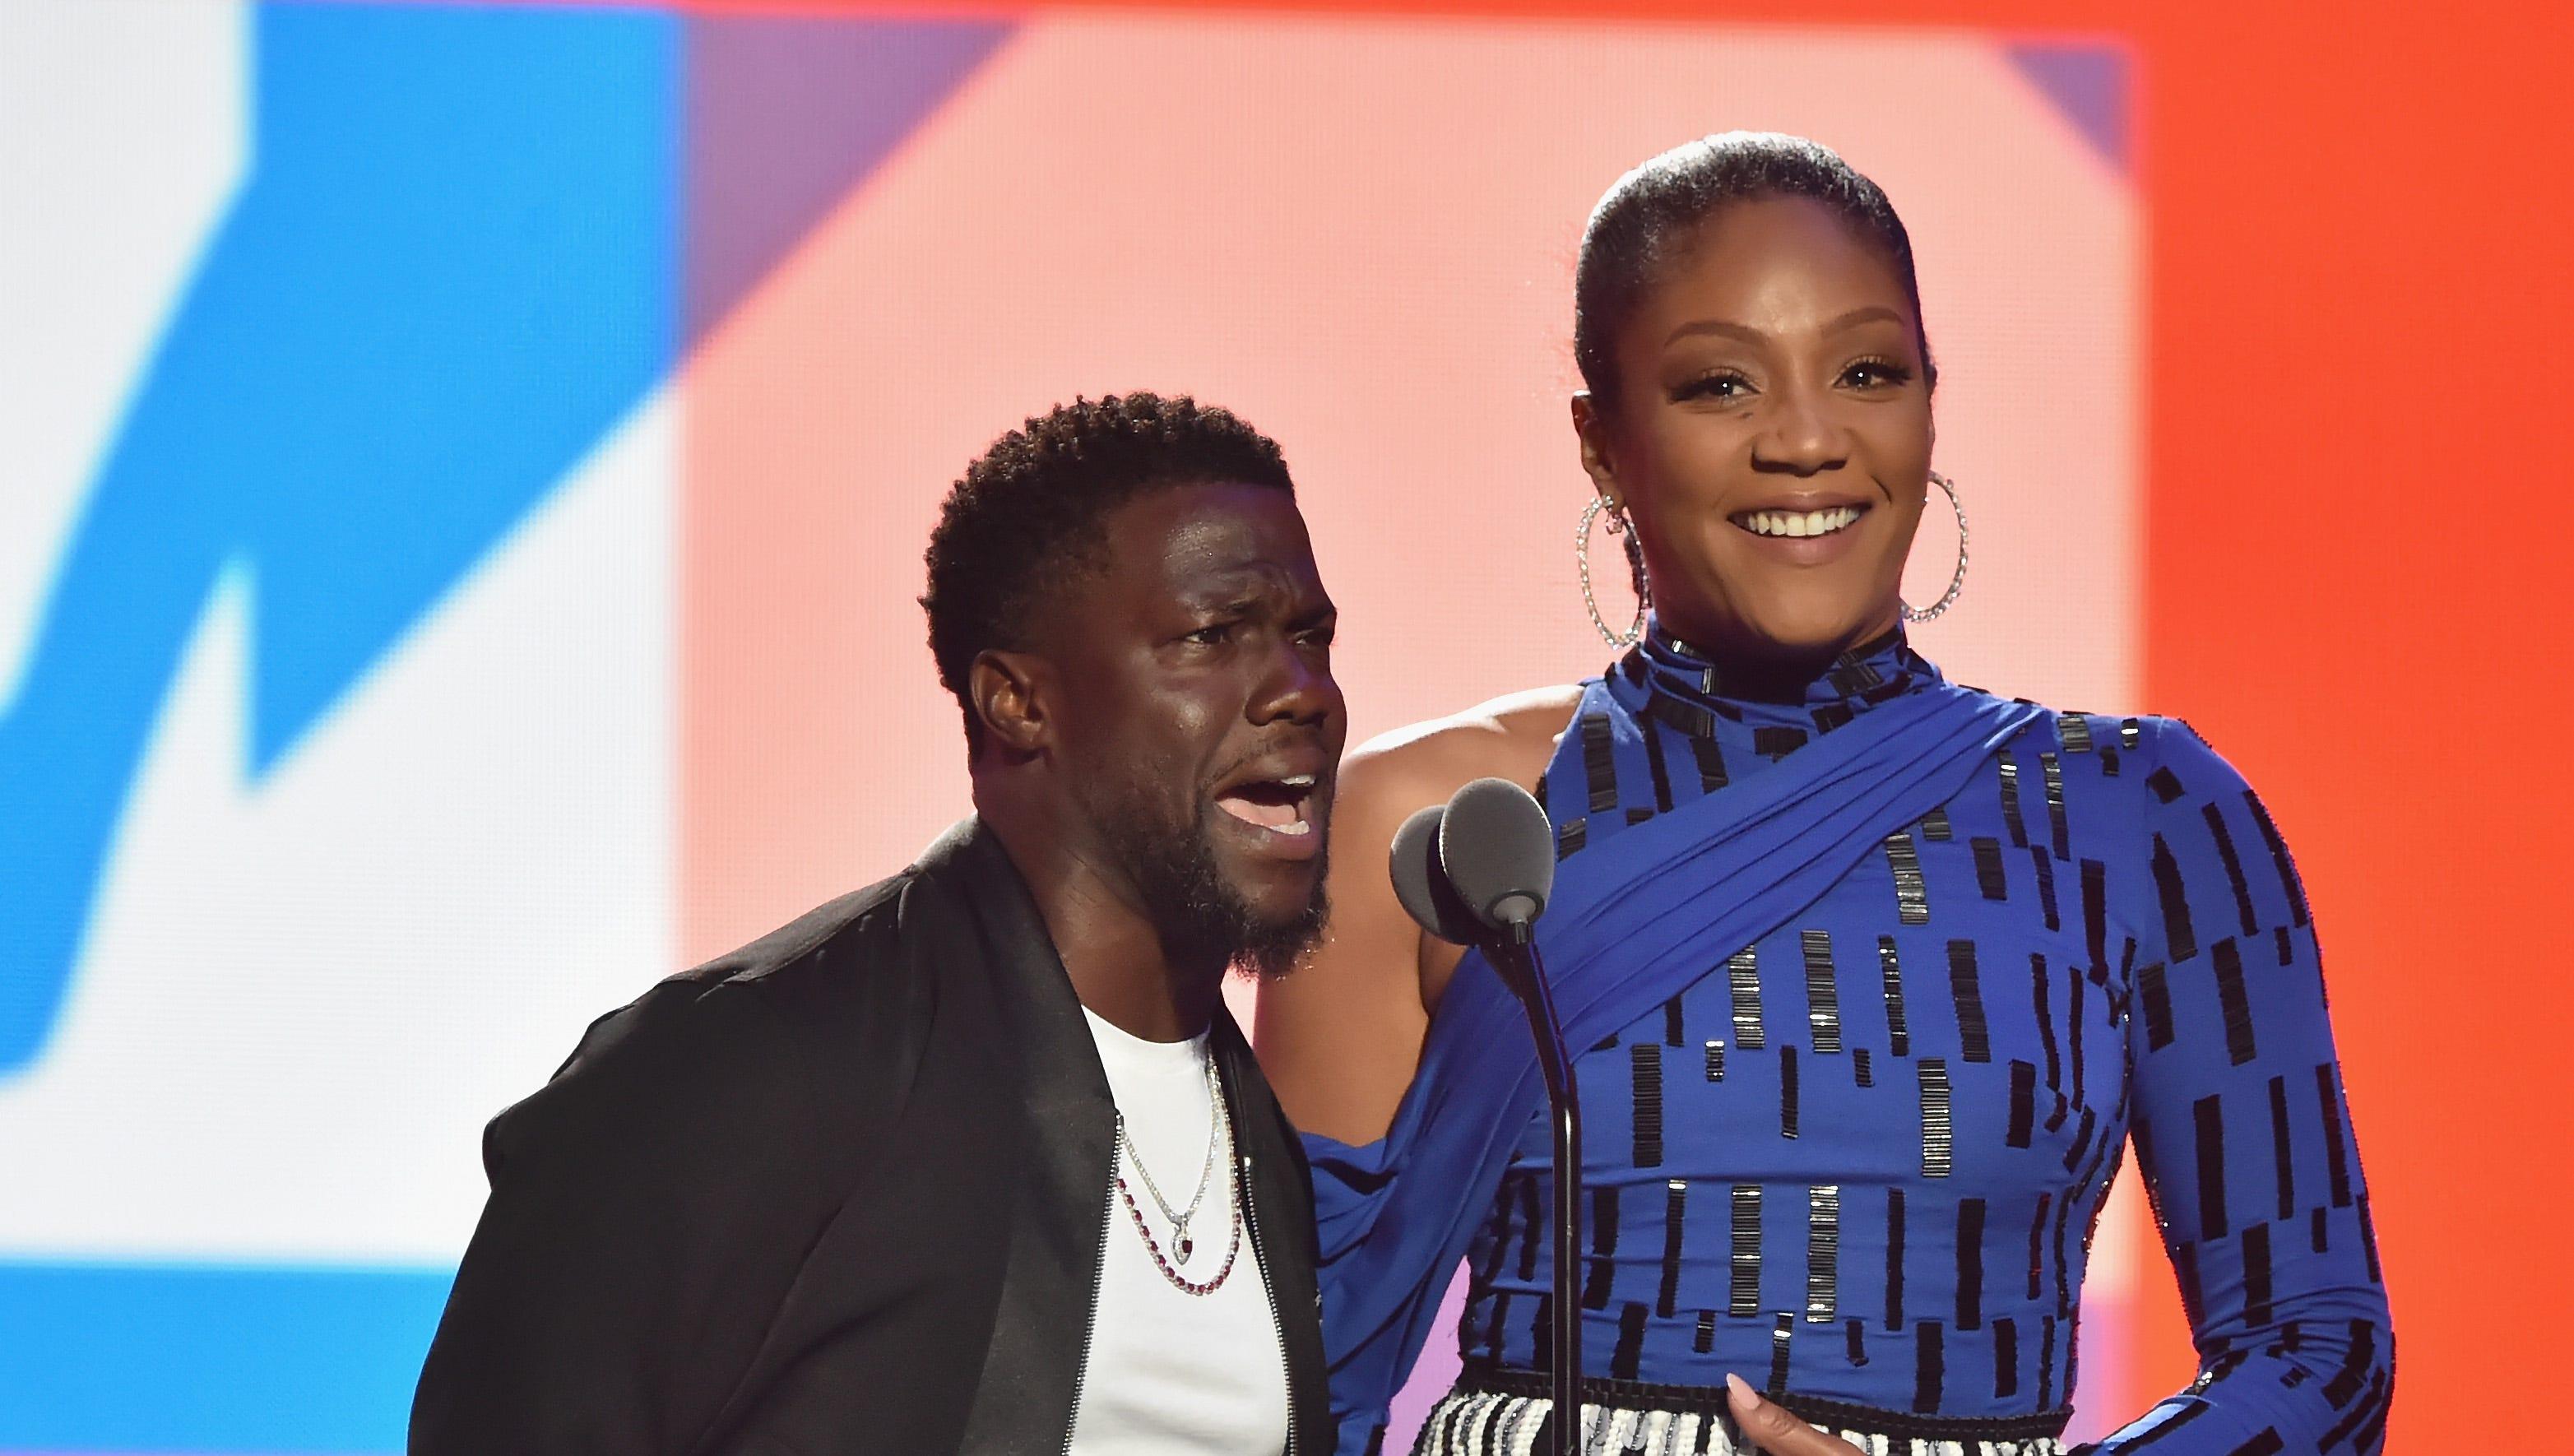 VMAs: 7 things you may have missed at Monday's award show